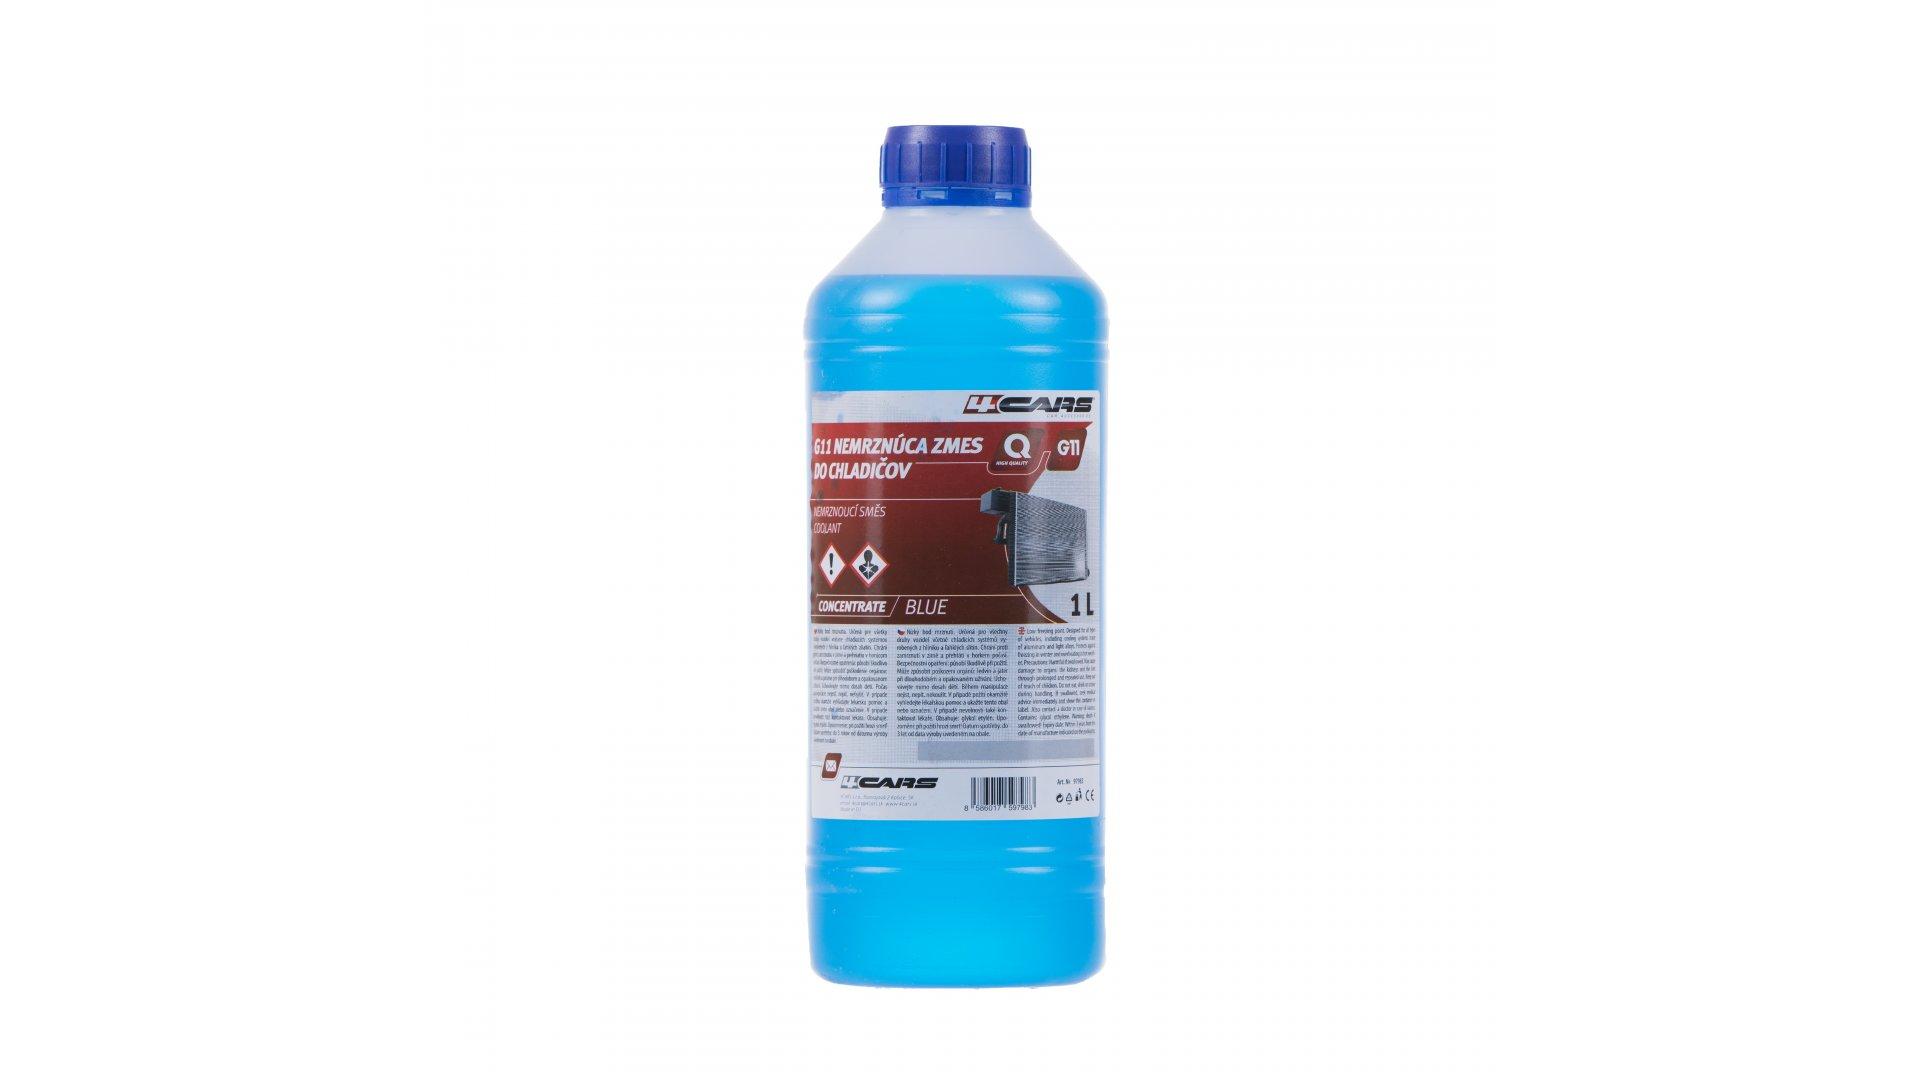 4CARS G11 Nemrznúca zmes do chladičov 1L